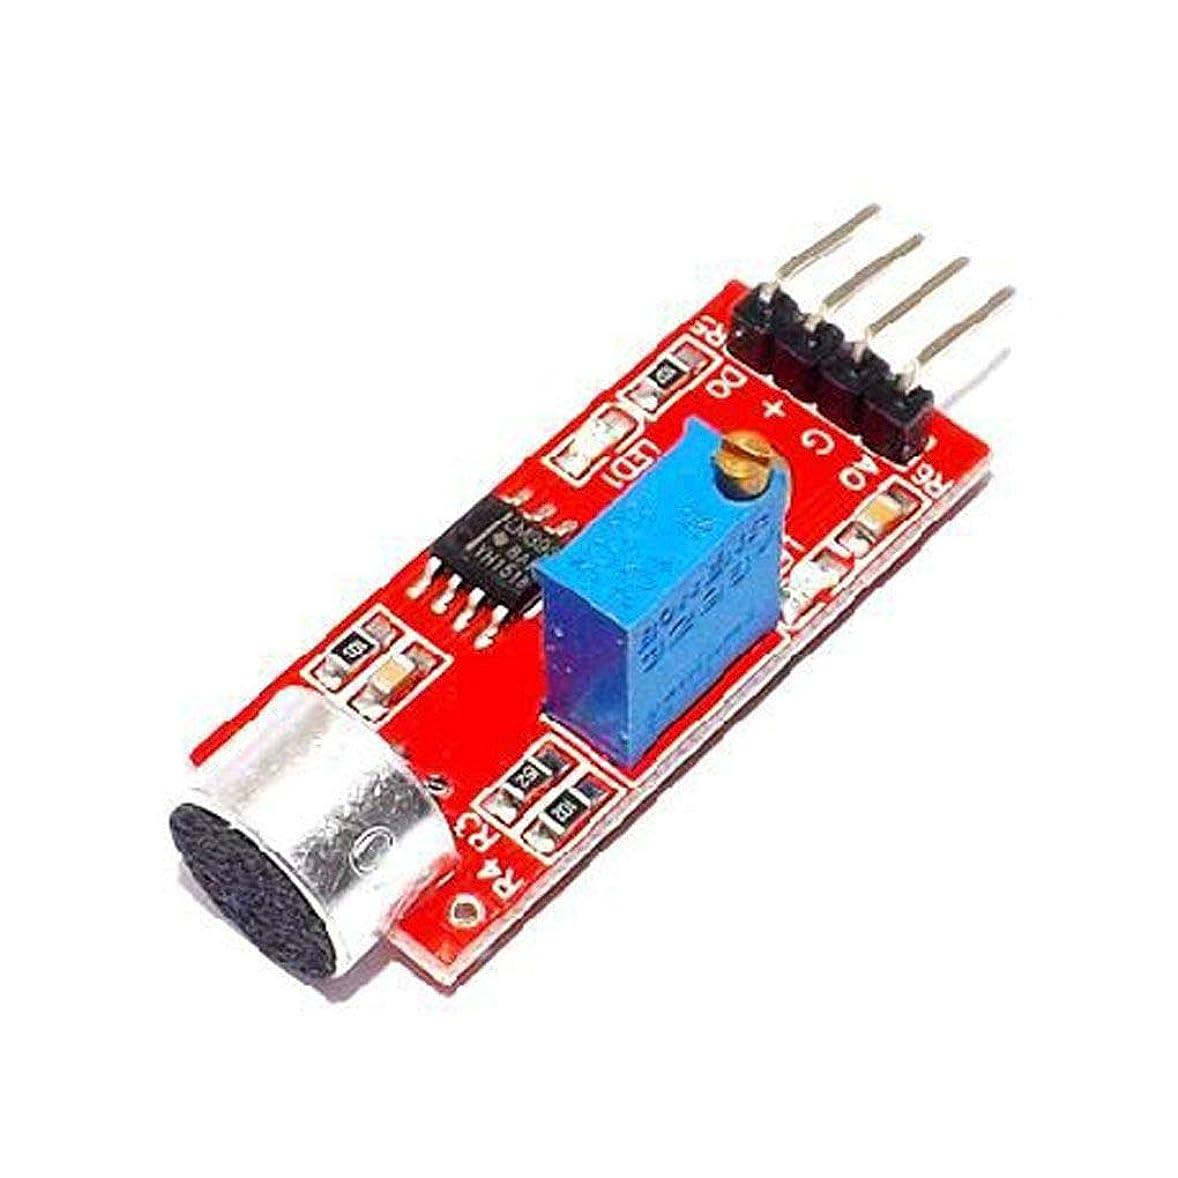 アルコール期限聖職者KOROWA 高い感応度マイクセンサーモジュール マイクセンサモジュール 高い感応度 オリジナル 音声検出 音声検出モジュール マイクロホンセンサー サウンドセンサー マイク検出モジュール 高感度 サウンド 20dB 3.3V / 5V マイク...